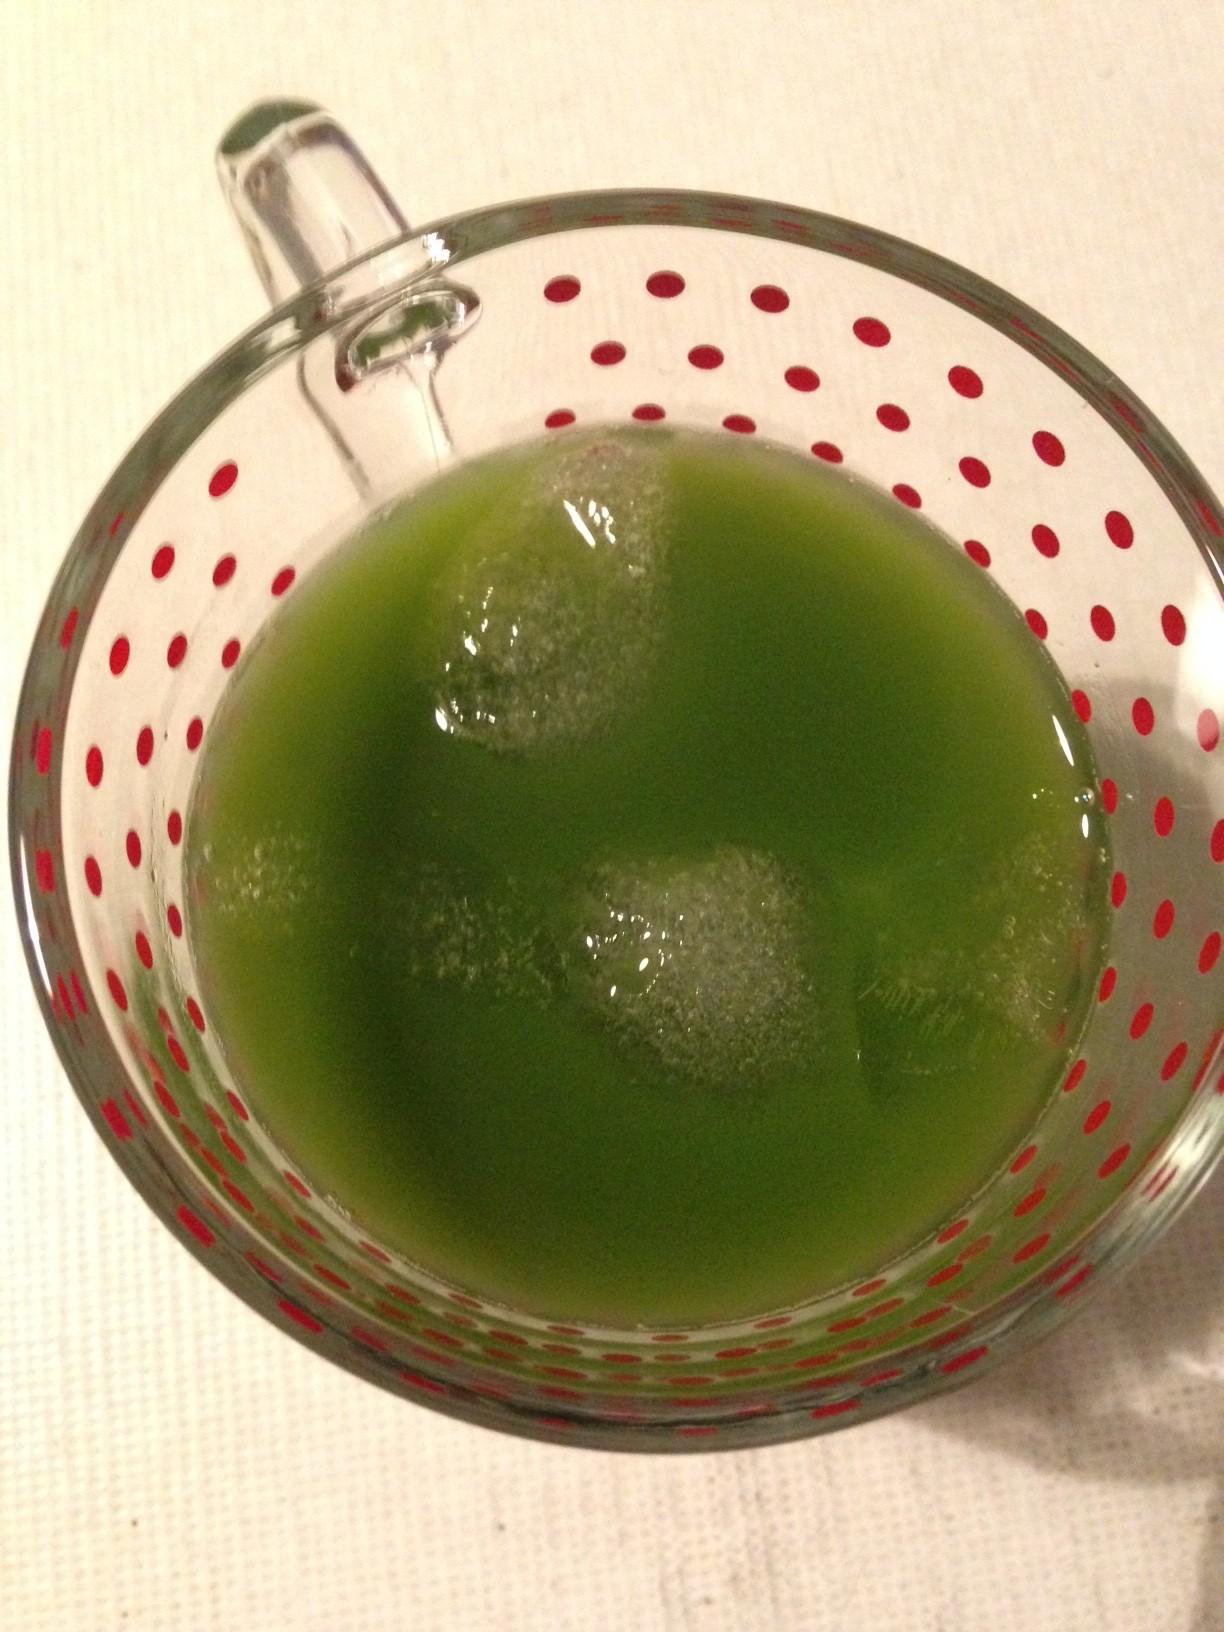 grüner blitz: matcha longdrink | green lightning: matcha longdrink ❤ vegan